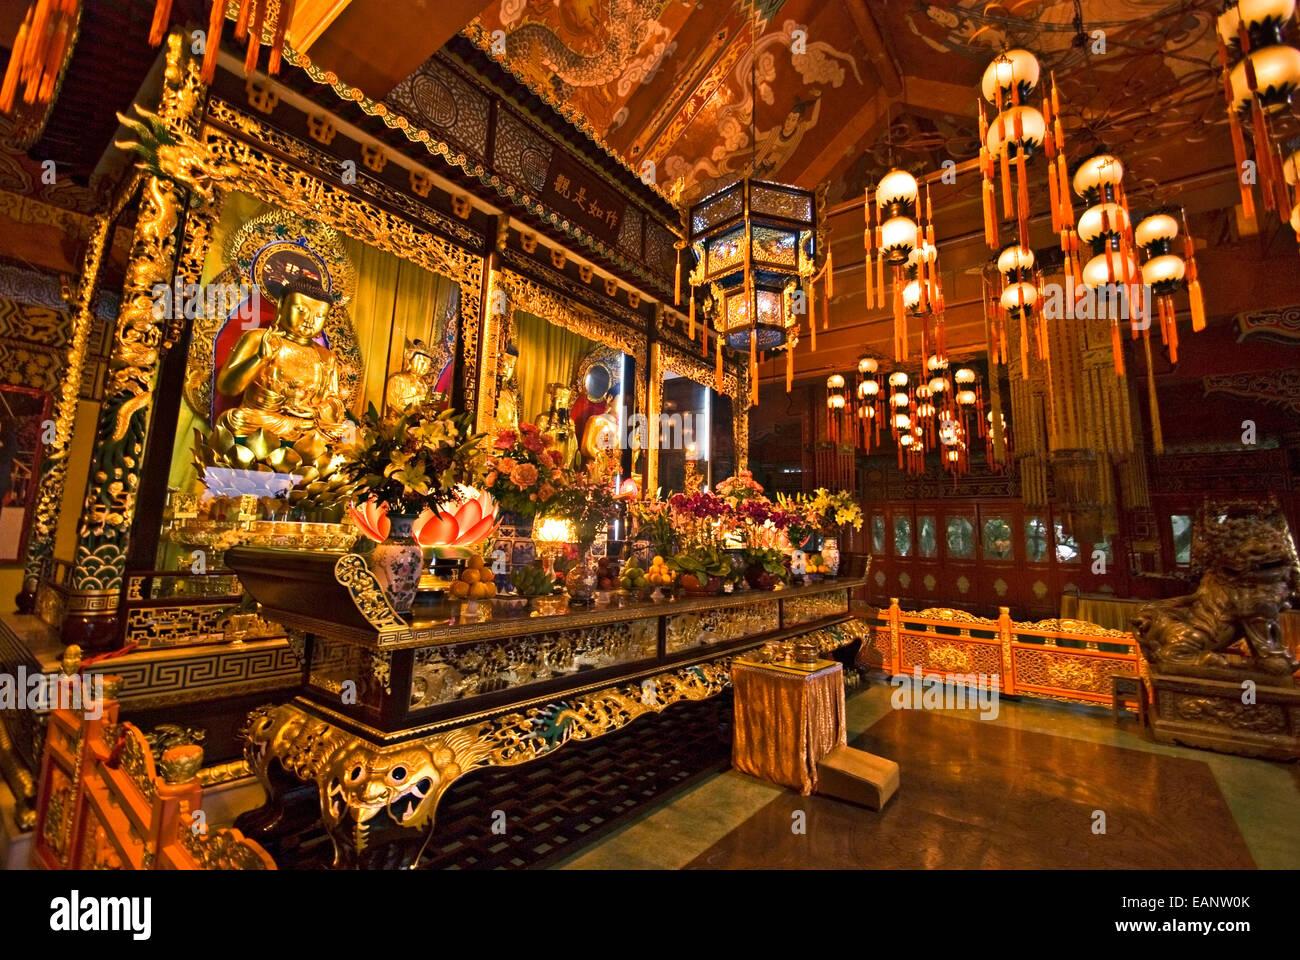 Altar inside the Tian Tan Buddha Temple located at Ngong Ping, Lantau Island, in Hong Kong. - Stock Image